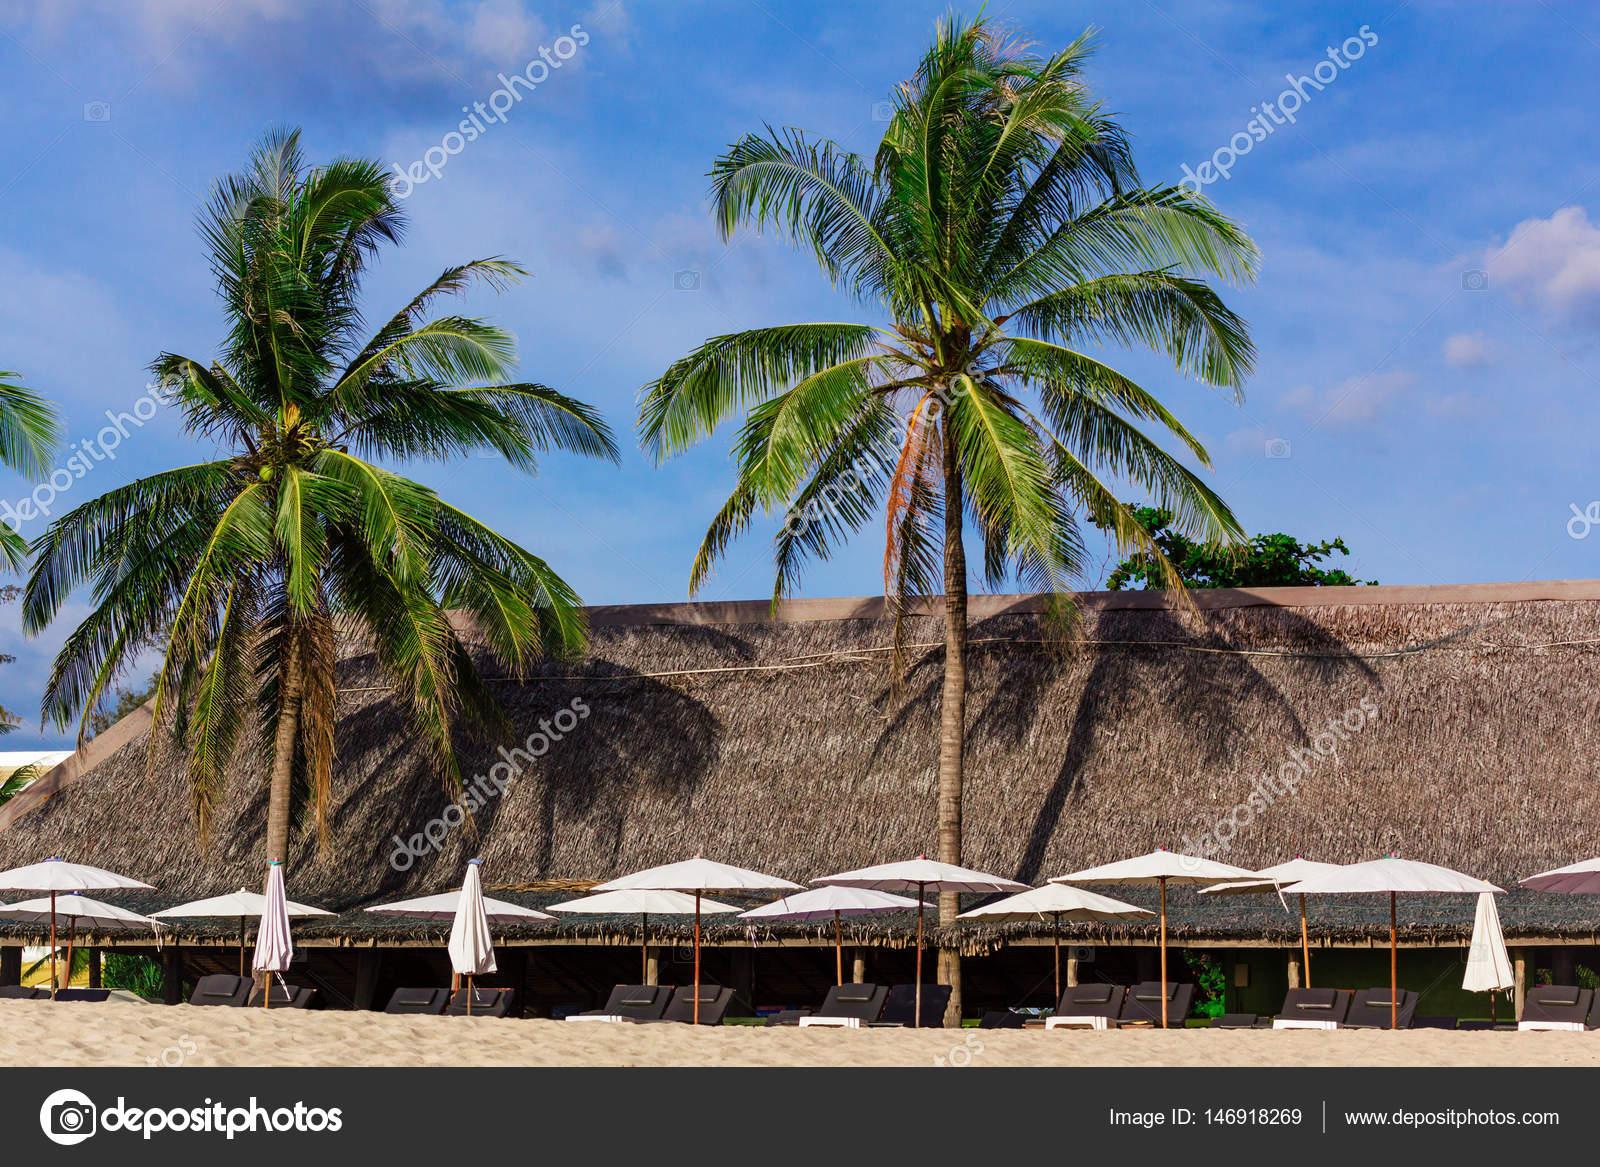 Salotti Allaperto : La riga di salotti. la fila dei salotti sulla spiaggia coperto da th